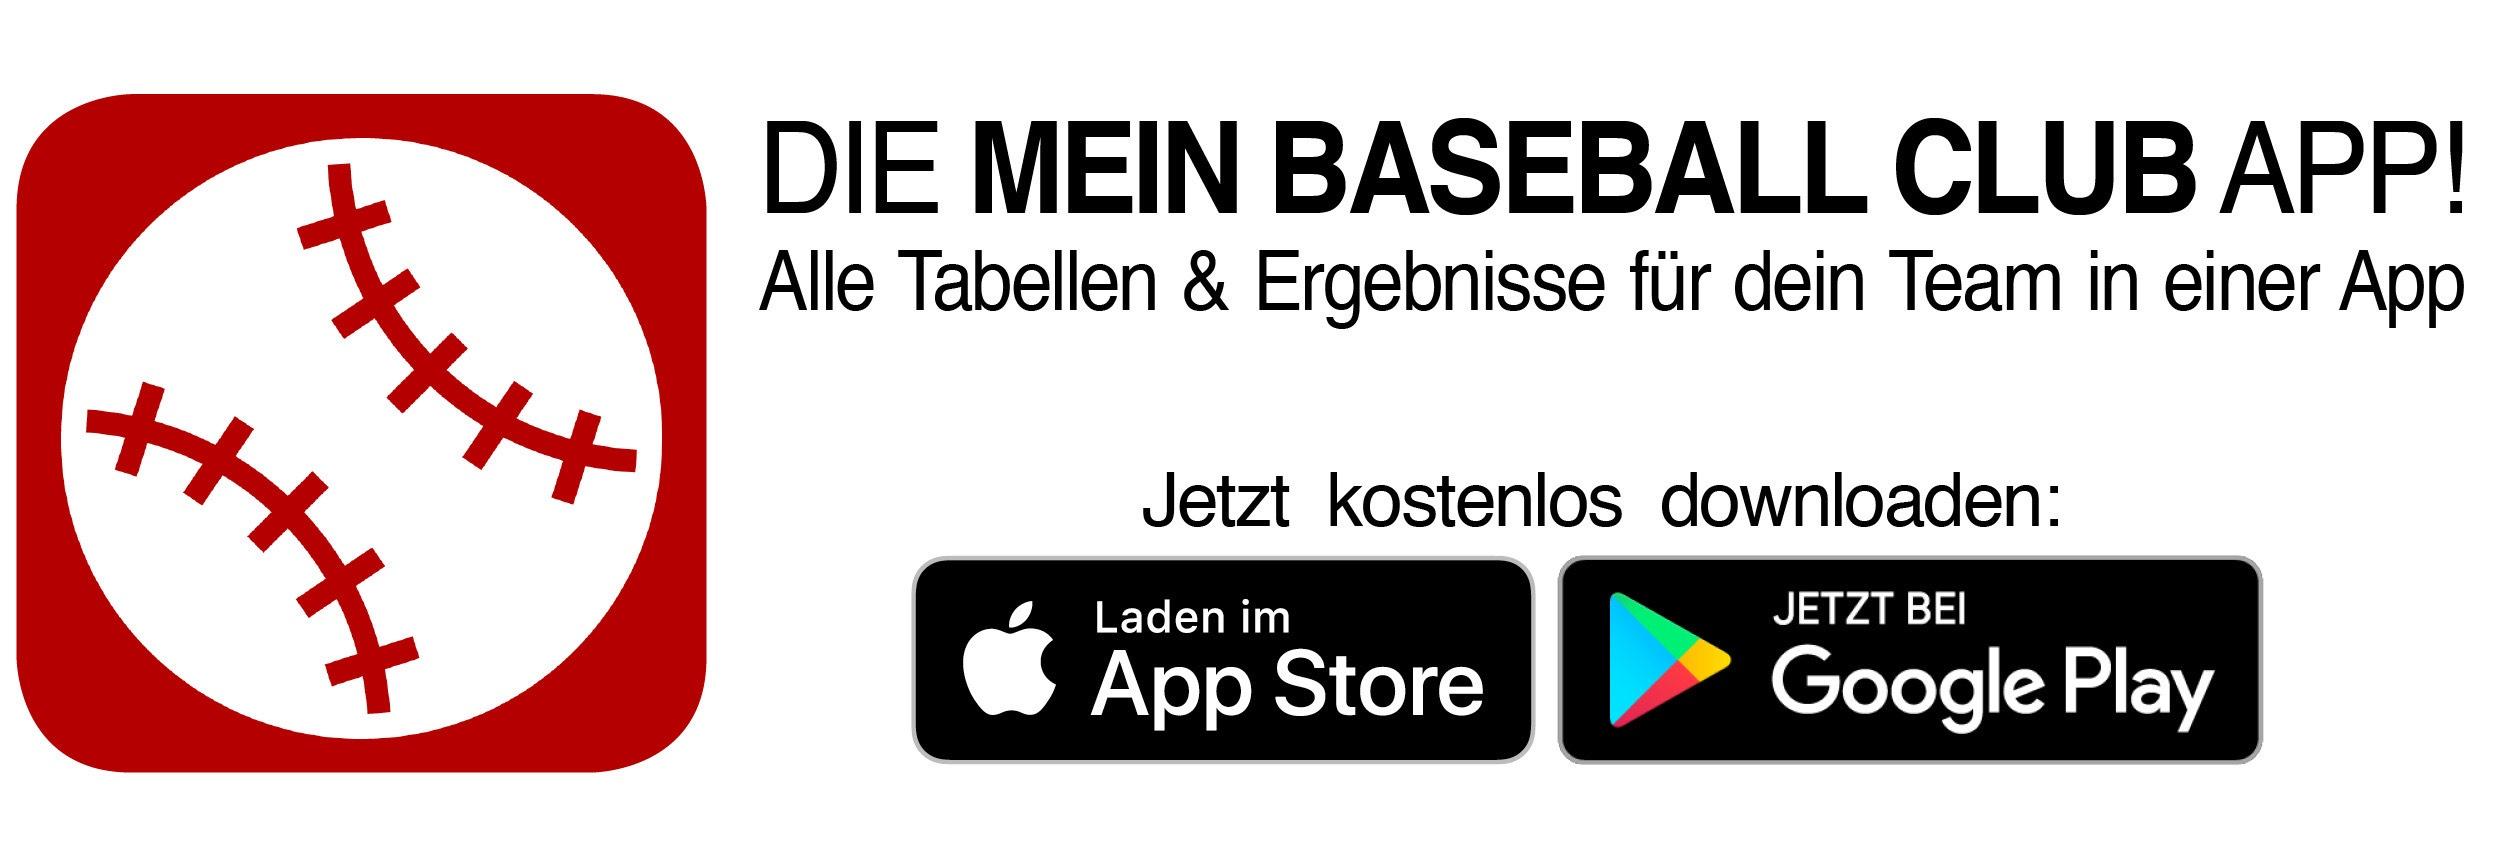 Die Mein Baseball Club App